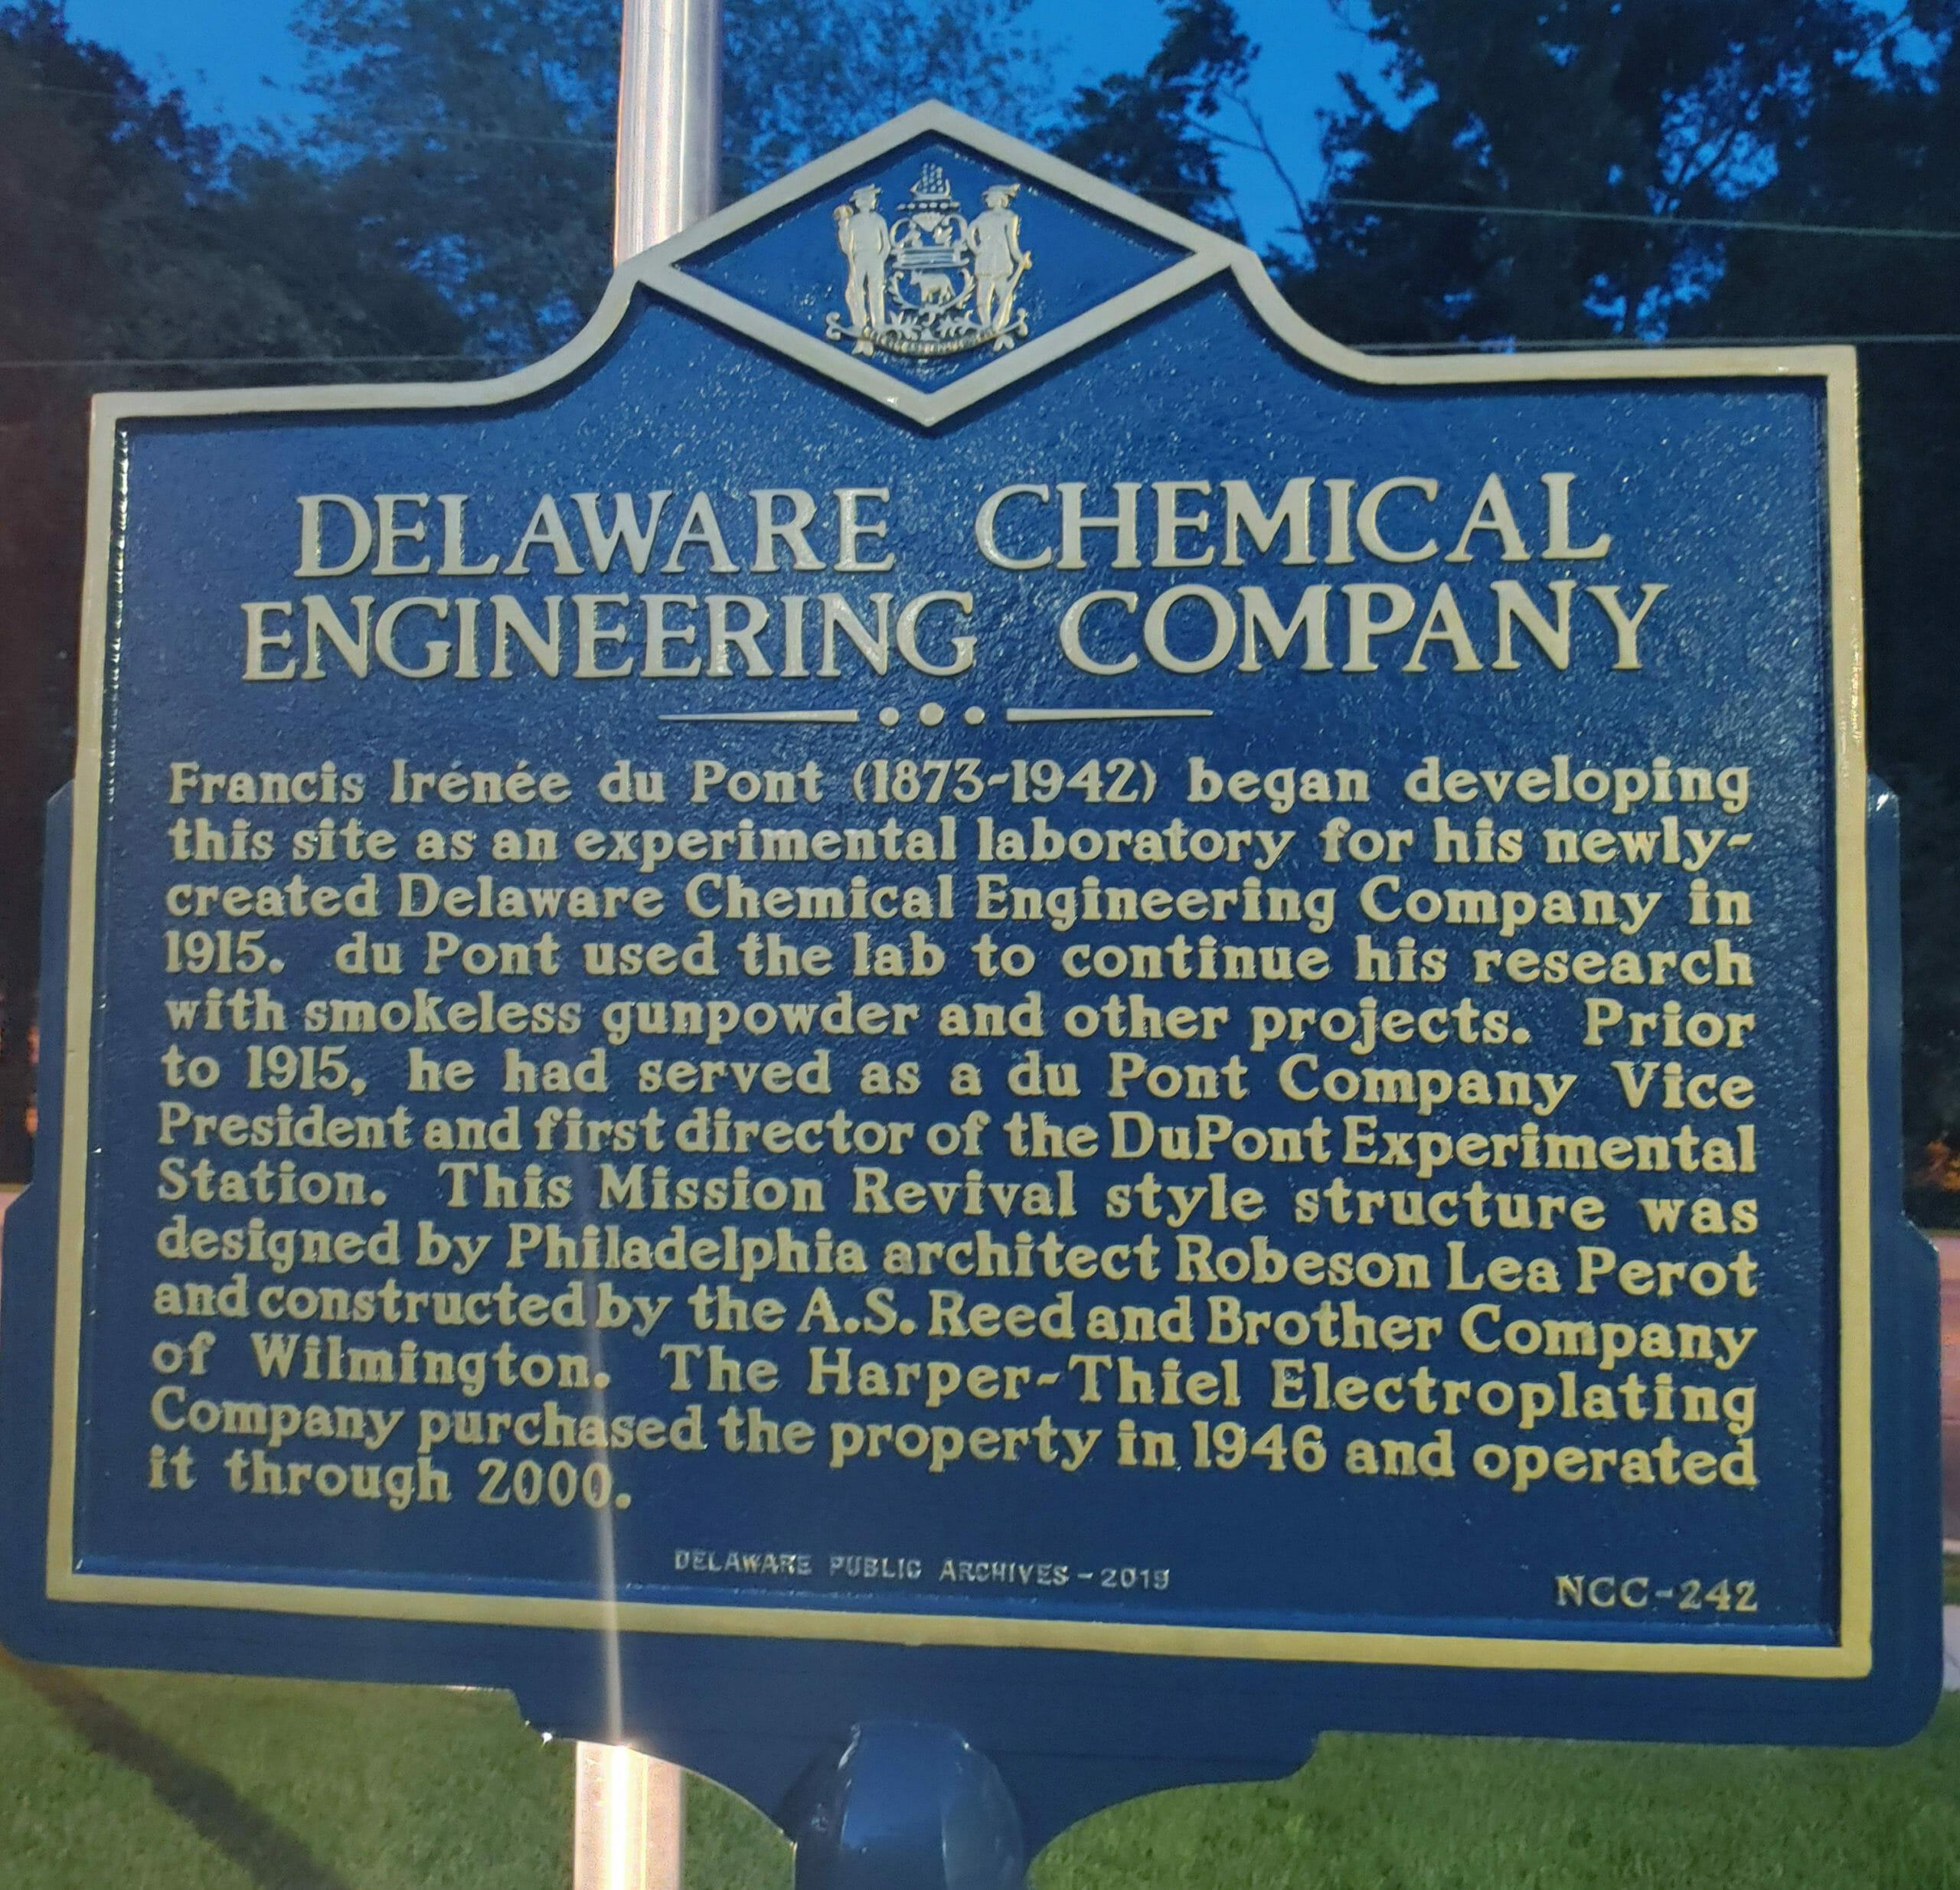 Image of Delaware historical marker